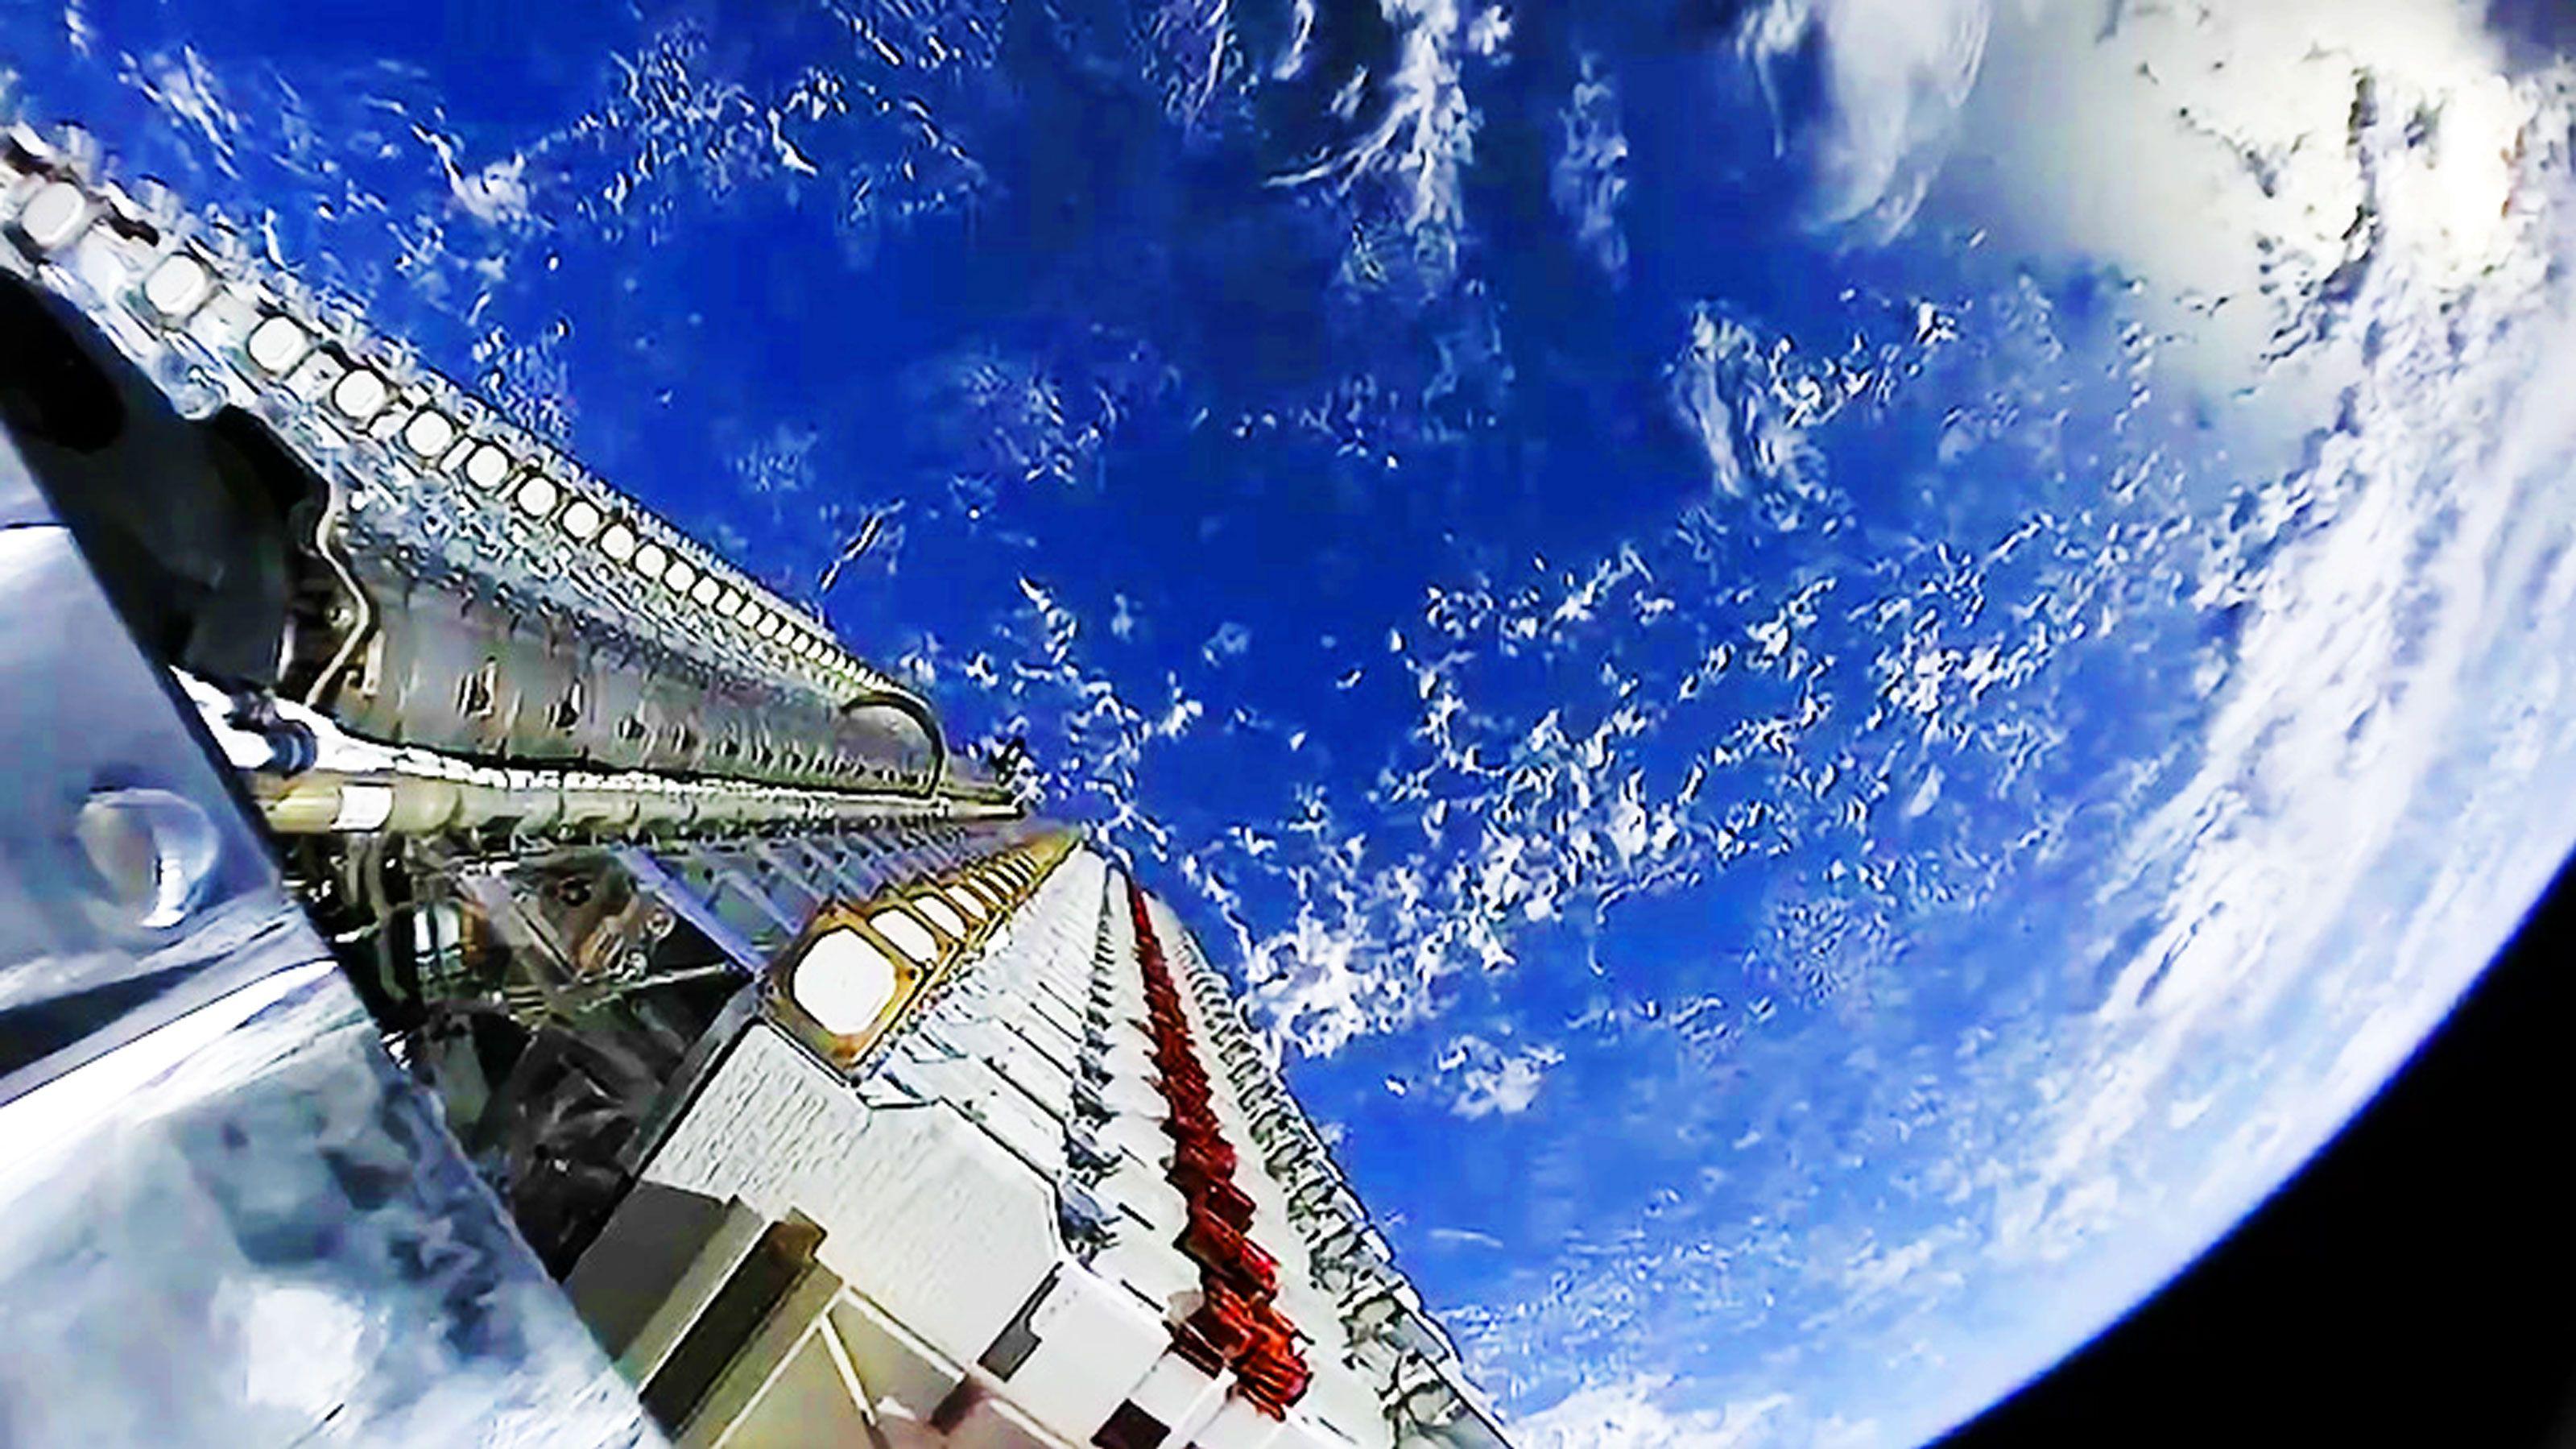 次世代GPSからネット接続まで、注目の衛星コンステレーション4つ